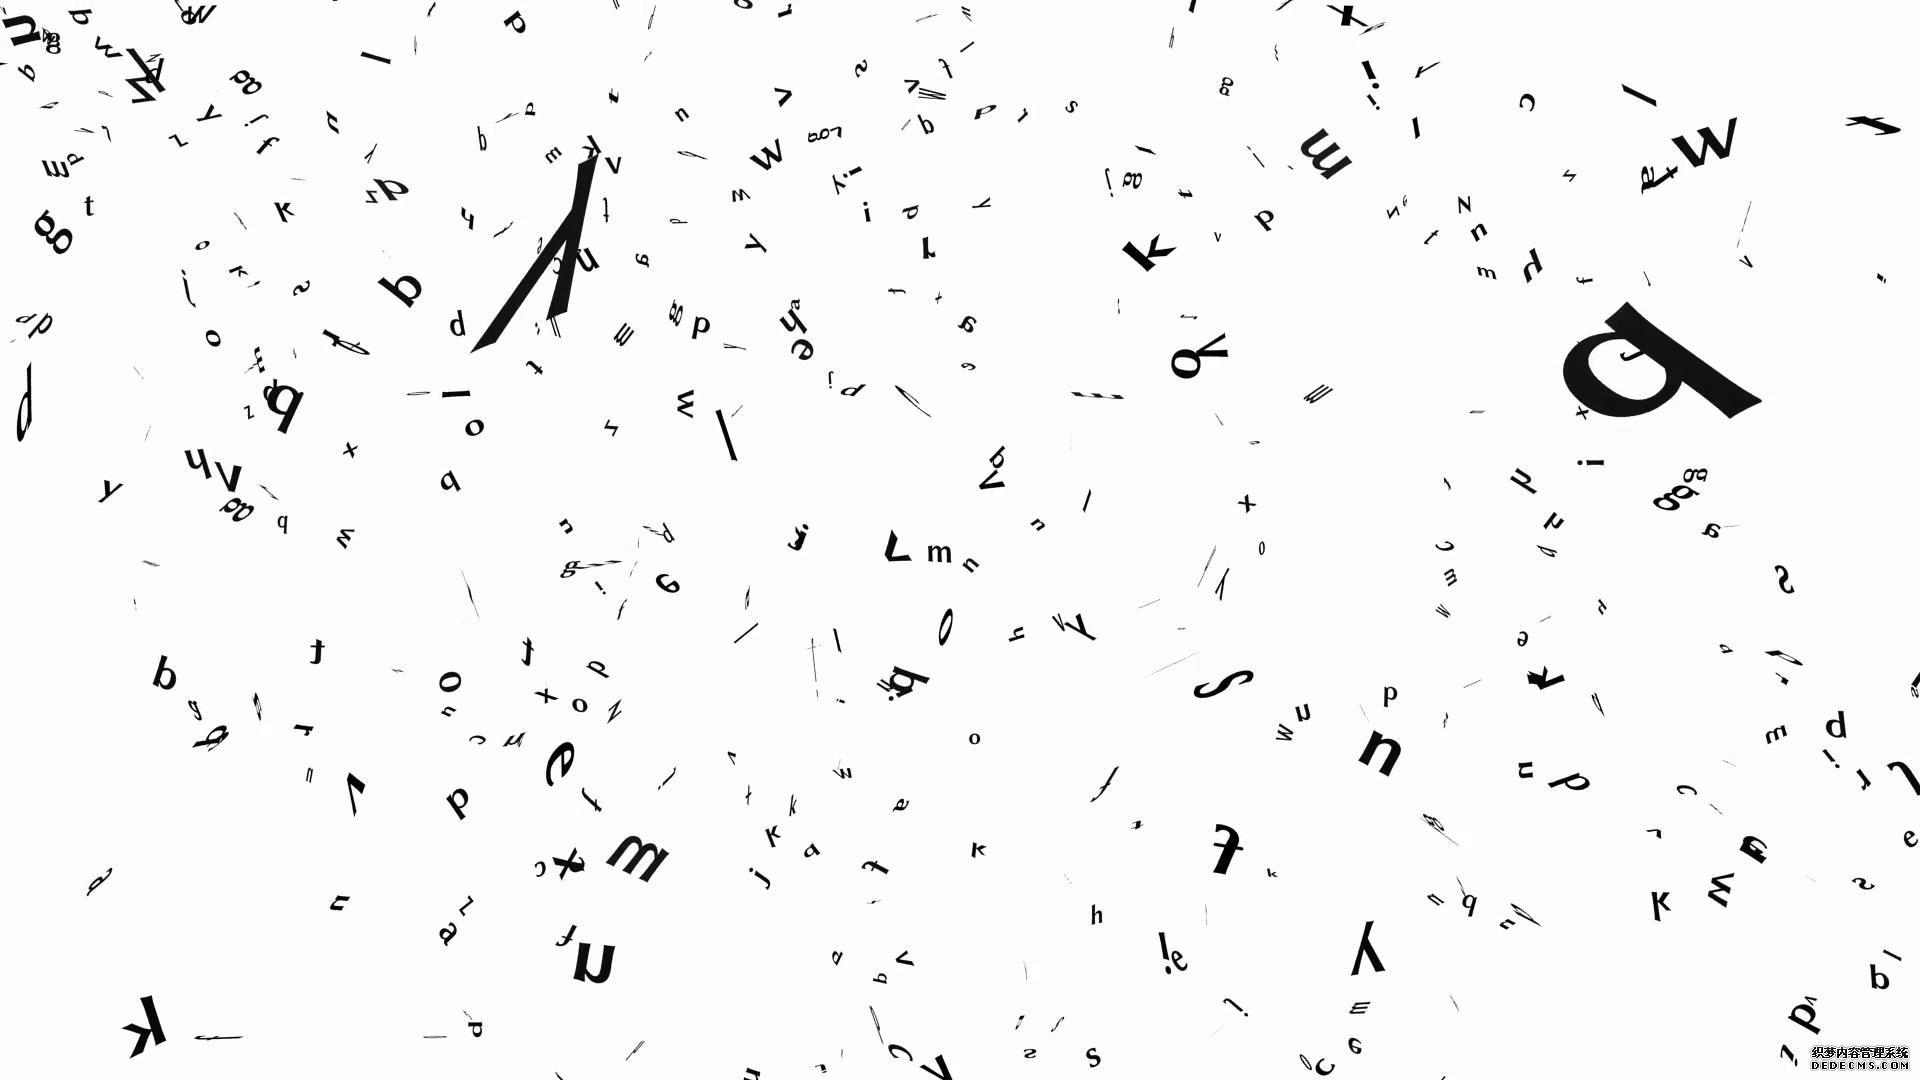 英文字母半空漂浮纷纷掉落视频素材